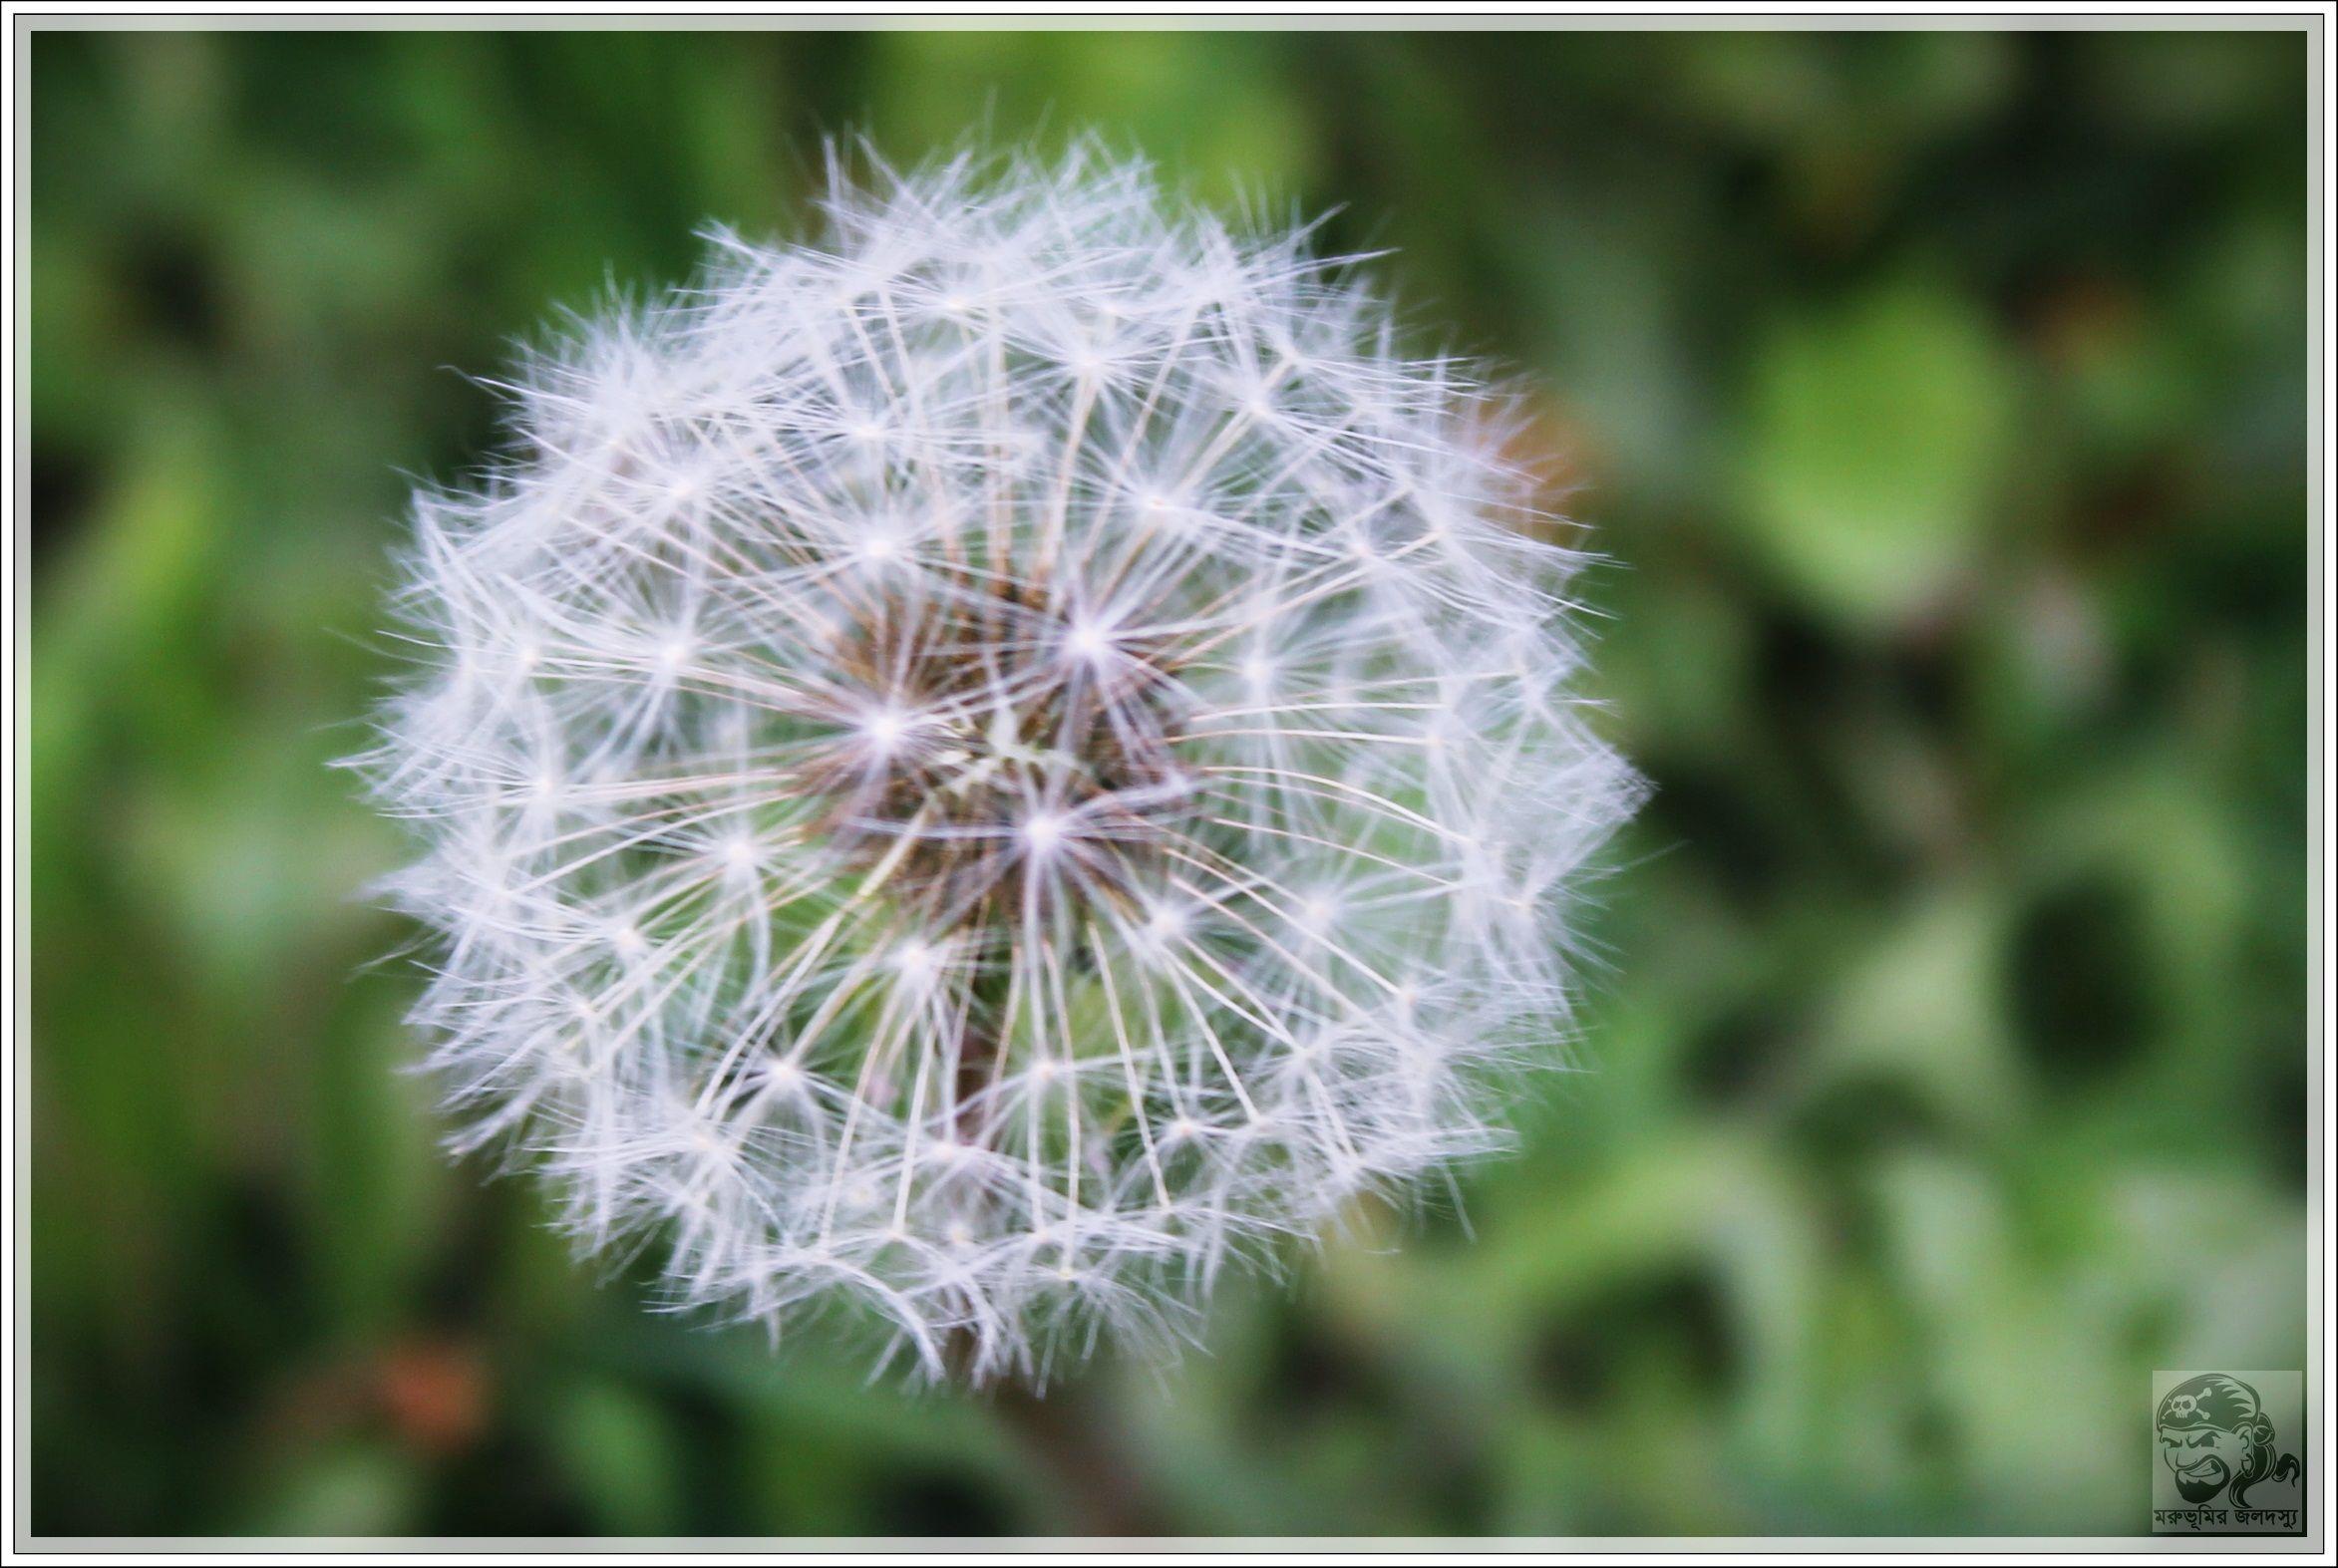 ফ ল র ন ম ড য নড ল ওন ই র জ ও কমন ন ম Dandelion ব জ ঞ ন ক ন ম Taraxacum Flowers Plants Dandelion